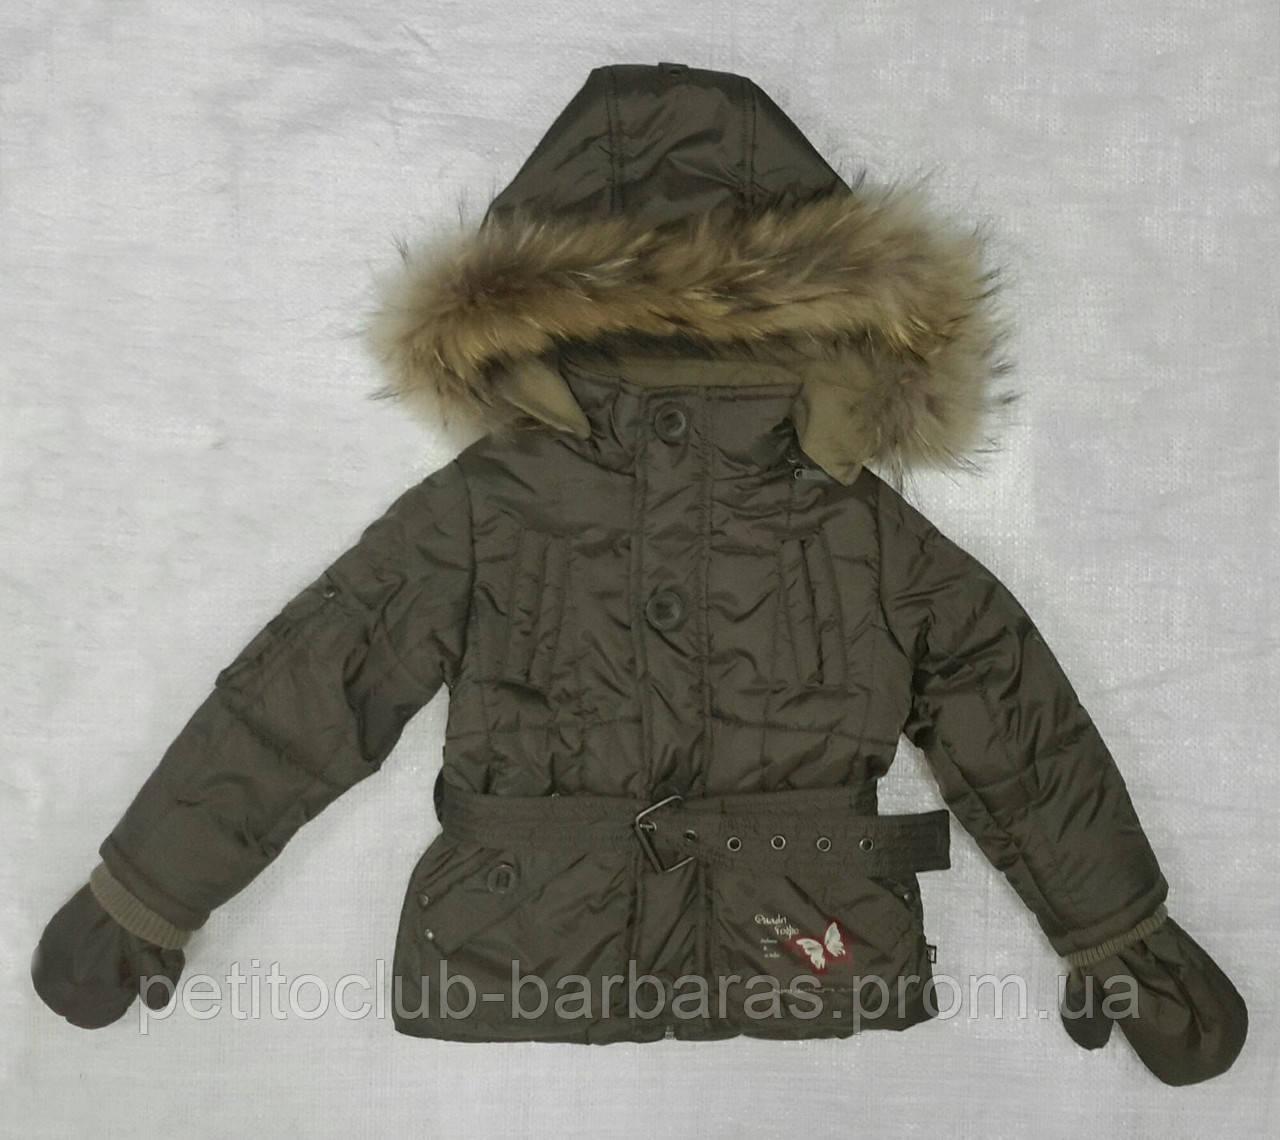 Детская зимняя куртка + варежки коричневые (QuadriFoglio, Польша)